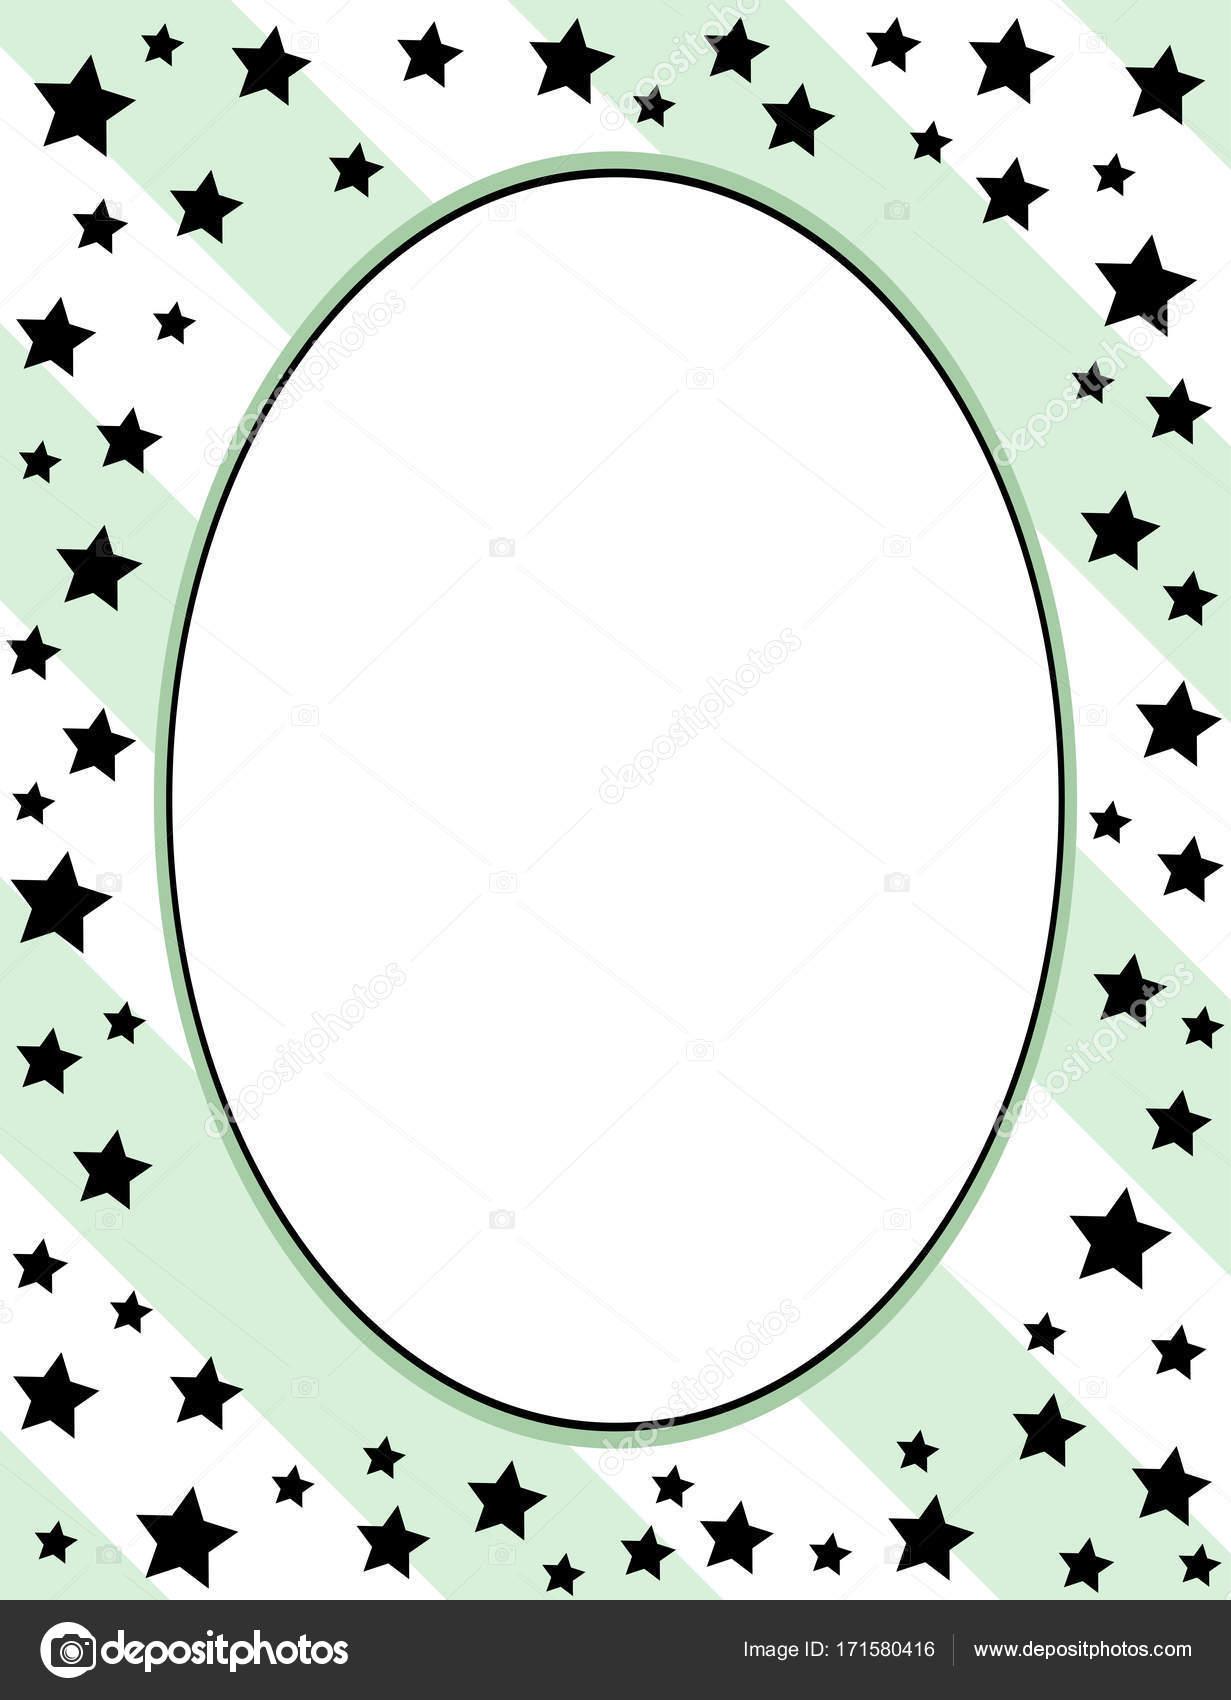 diseño de marco de plantillas para tarjetas de felicitación — Foto ...